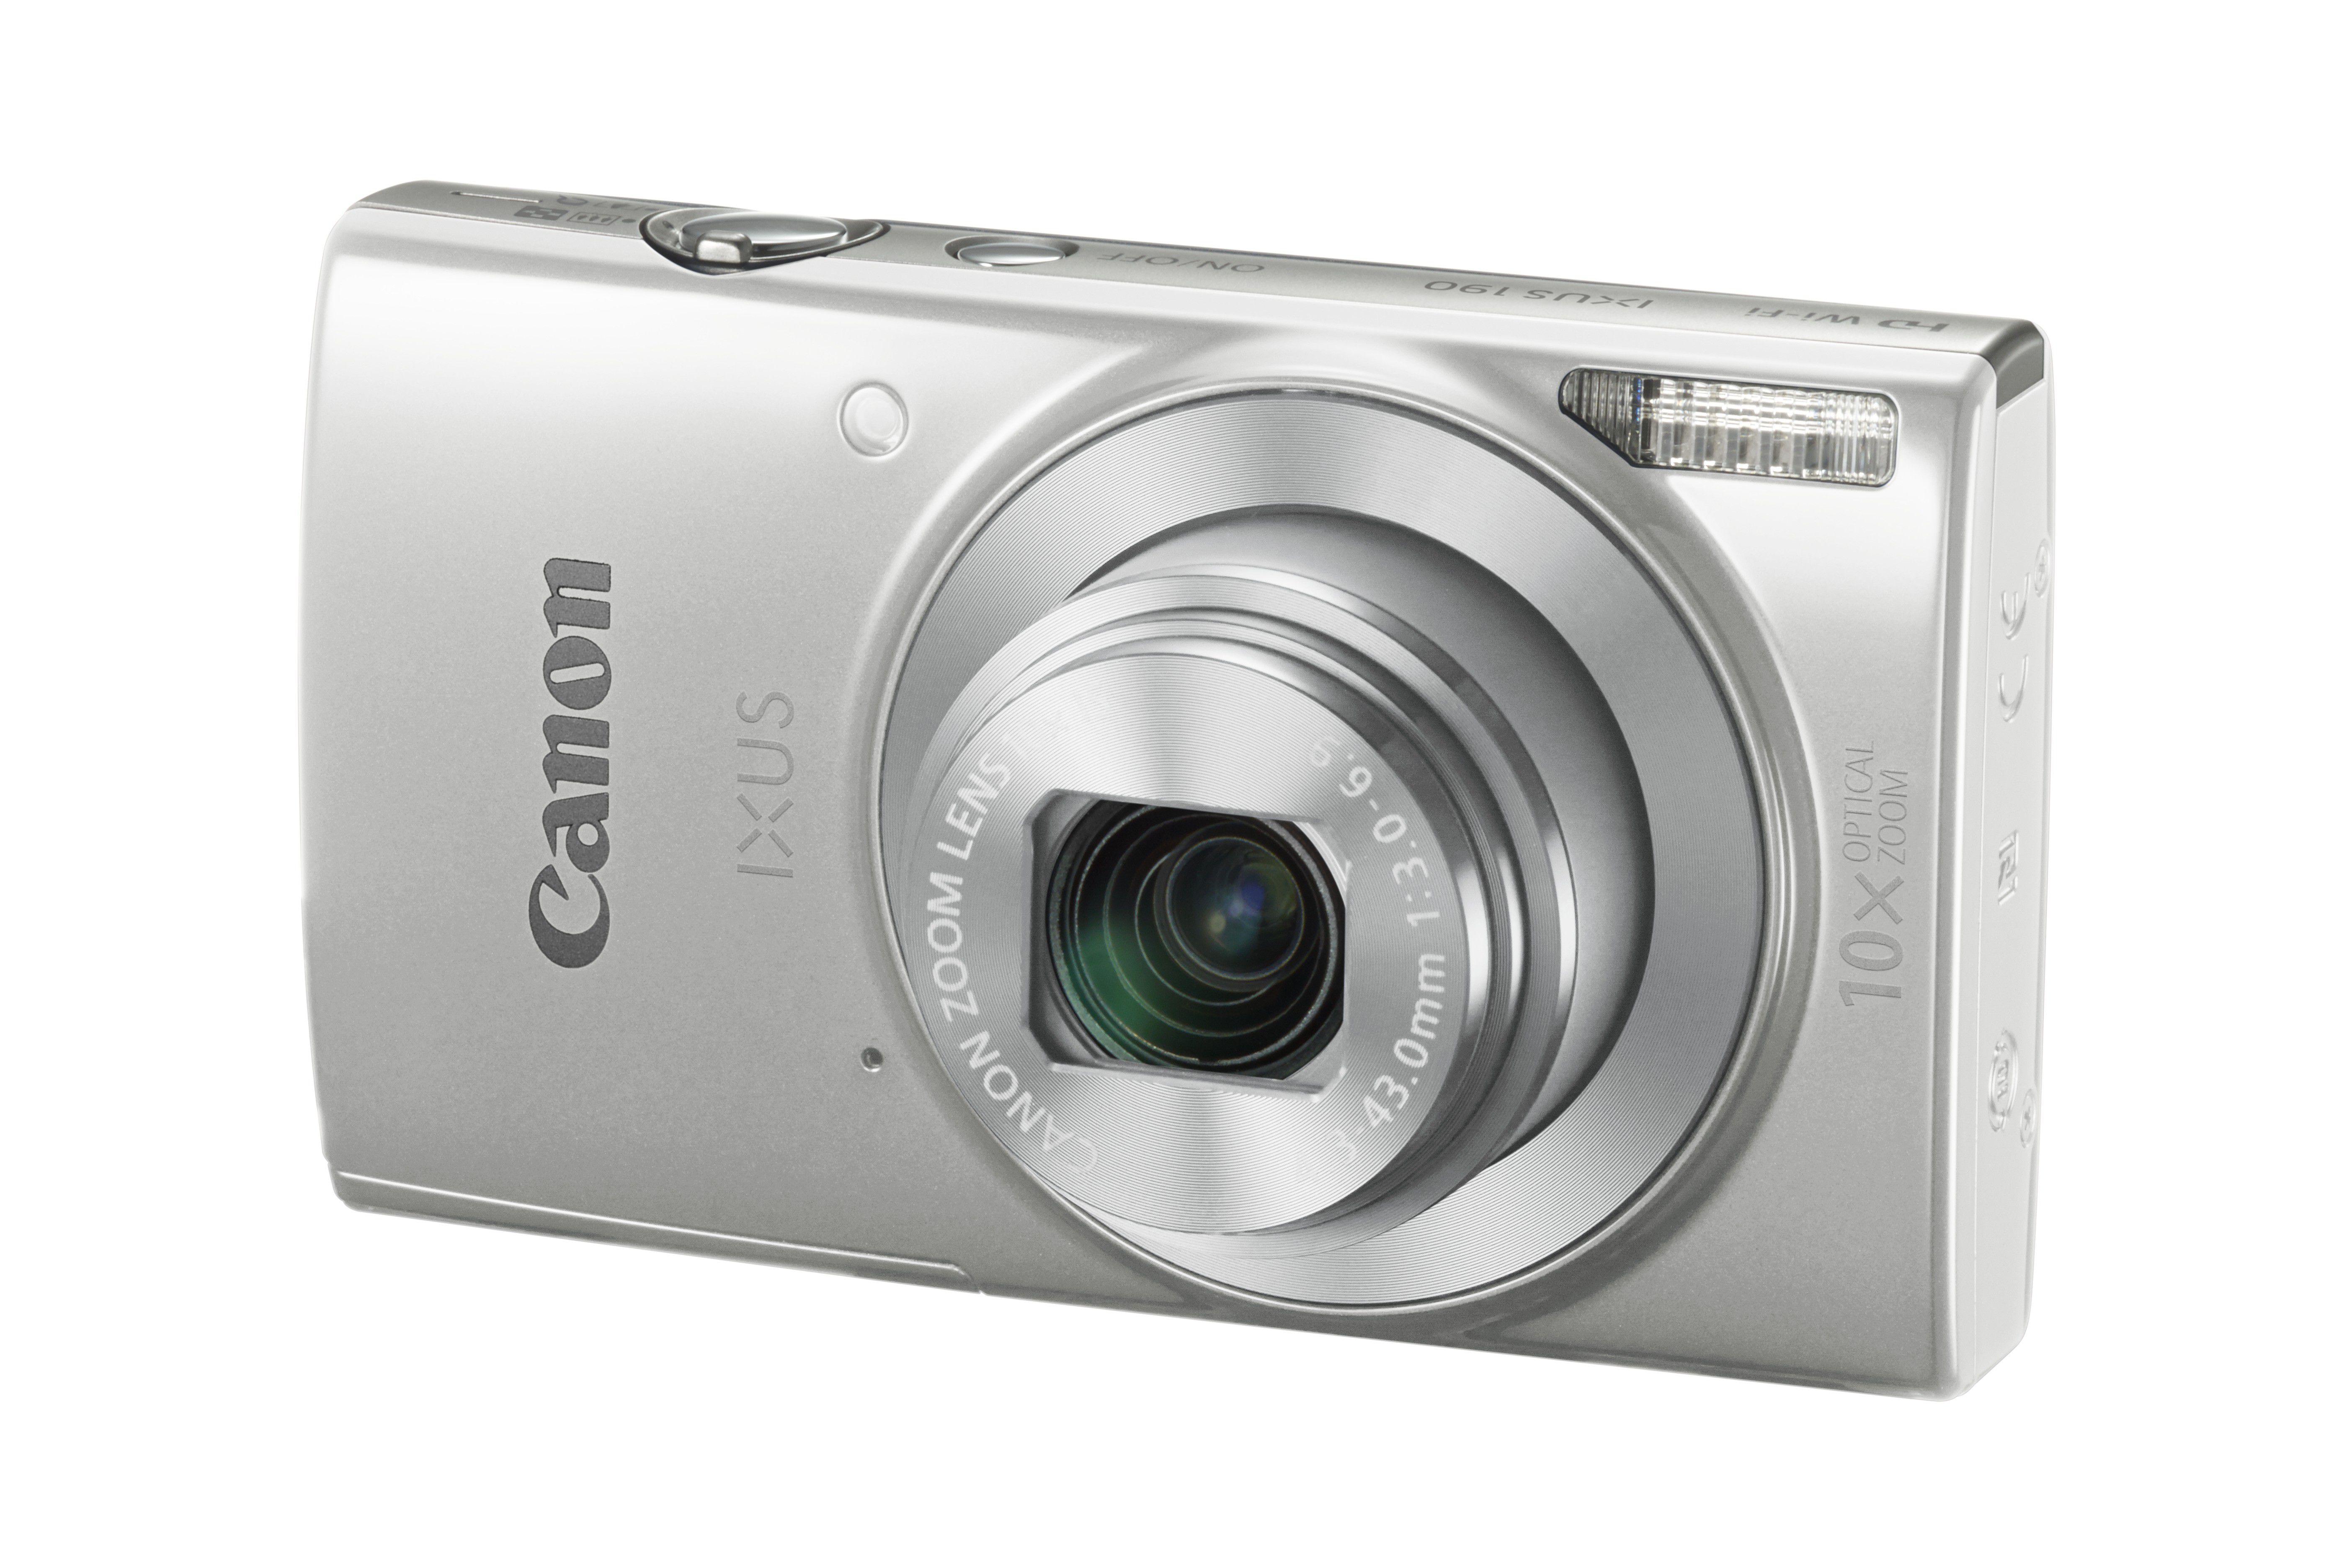 canon ixus 190 test complet appareil photo num rique les num riques. Black Bedroom Furniture Sets. Home Design Ideas